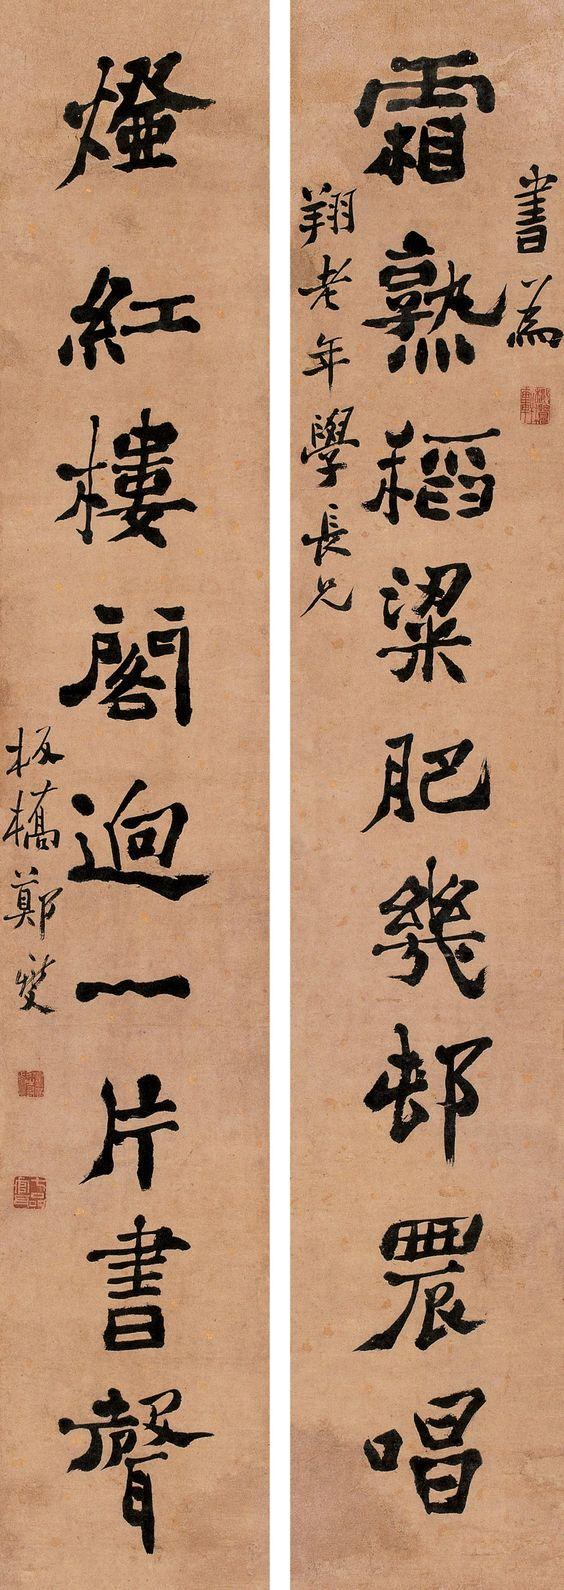 清代 - 鄭燮 - 行書九言聯             Zheng Xie (1693-1765), commonly known as Zheng Banqiao (鄭板橋) was a Chinese painter from Jiangsu. Qing dynasty